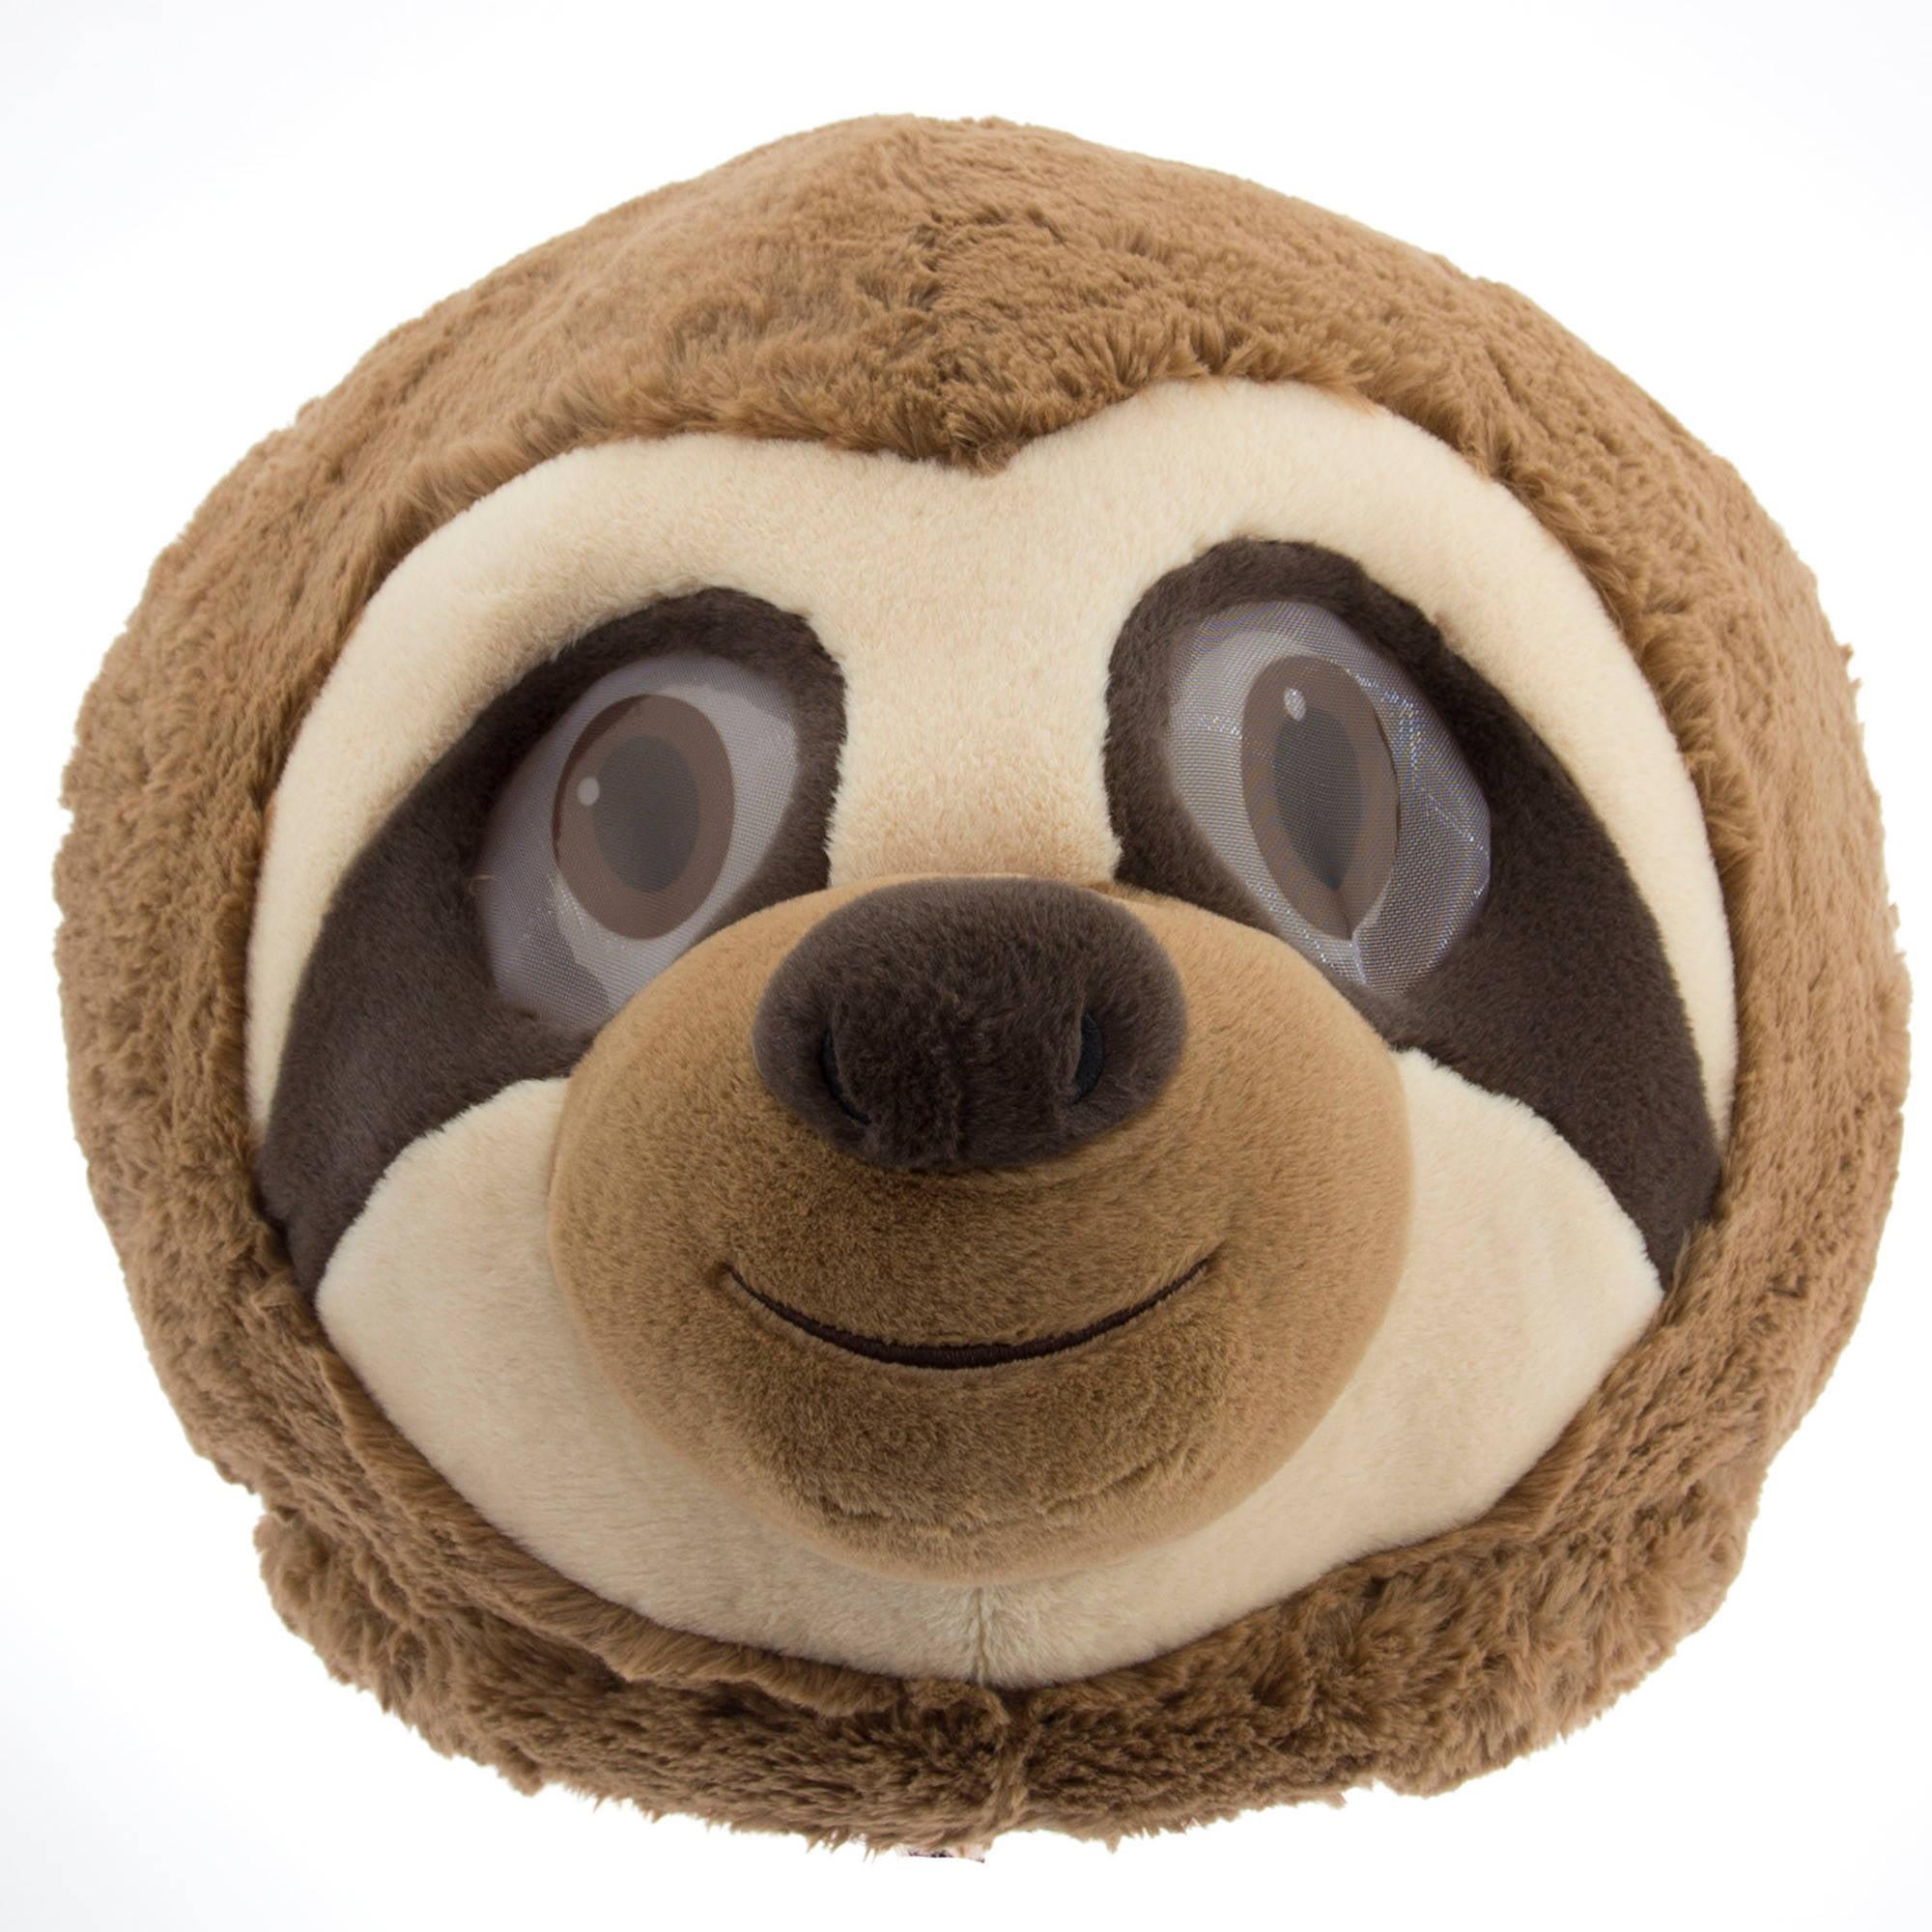 Sloth Maskimal Adorable Large Plush Head Mask Accessory